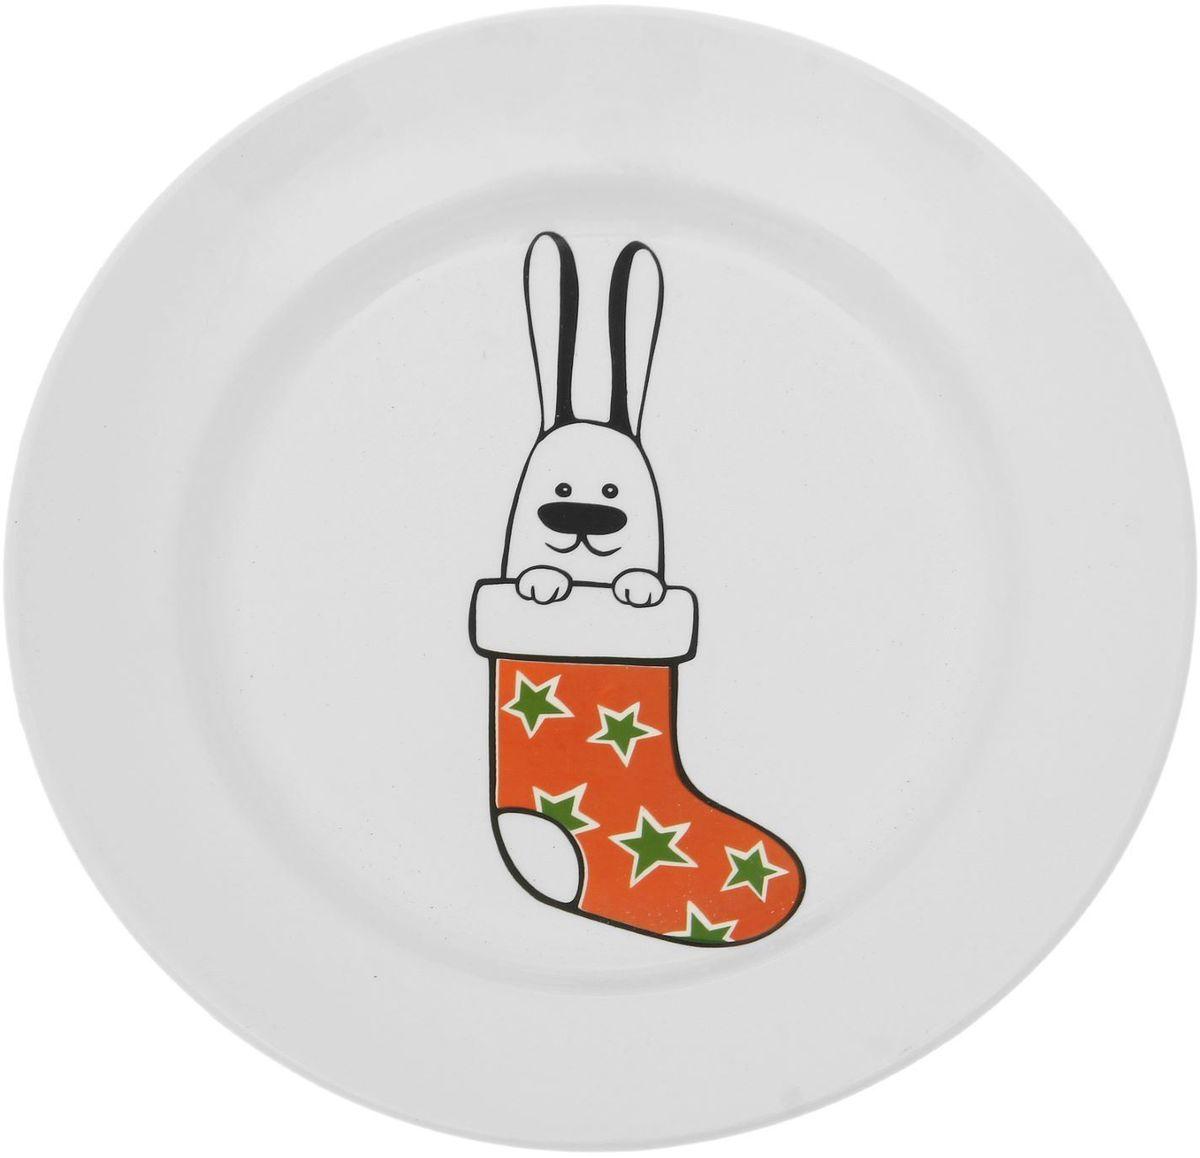 Тарелка мелкая Сотвори чудо Рождественский кролик, диаметр 20 см54 009312Хотите обновить интерьер кухни или гостиной? Устраиваете необычную фотосессию или тематический праздник? А может, просто ищете подарок для близкого человека? Посуда Сотвори Чудо — правильный выбор в любой ситуации. Тарелка Сотвори Чудо, изготовленная из изящного фаянса нежного сливочного цвета, оформлена оригинальным рисунком со стойкой краской. Пригодна для посудомоечной машины.